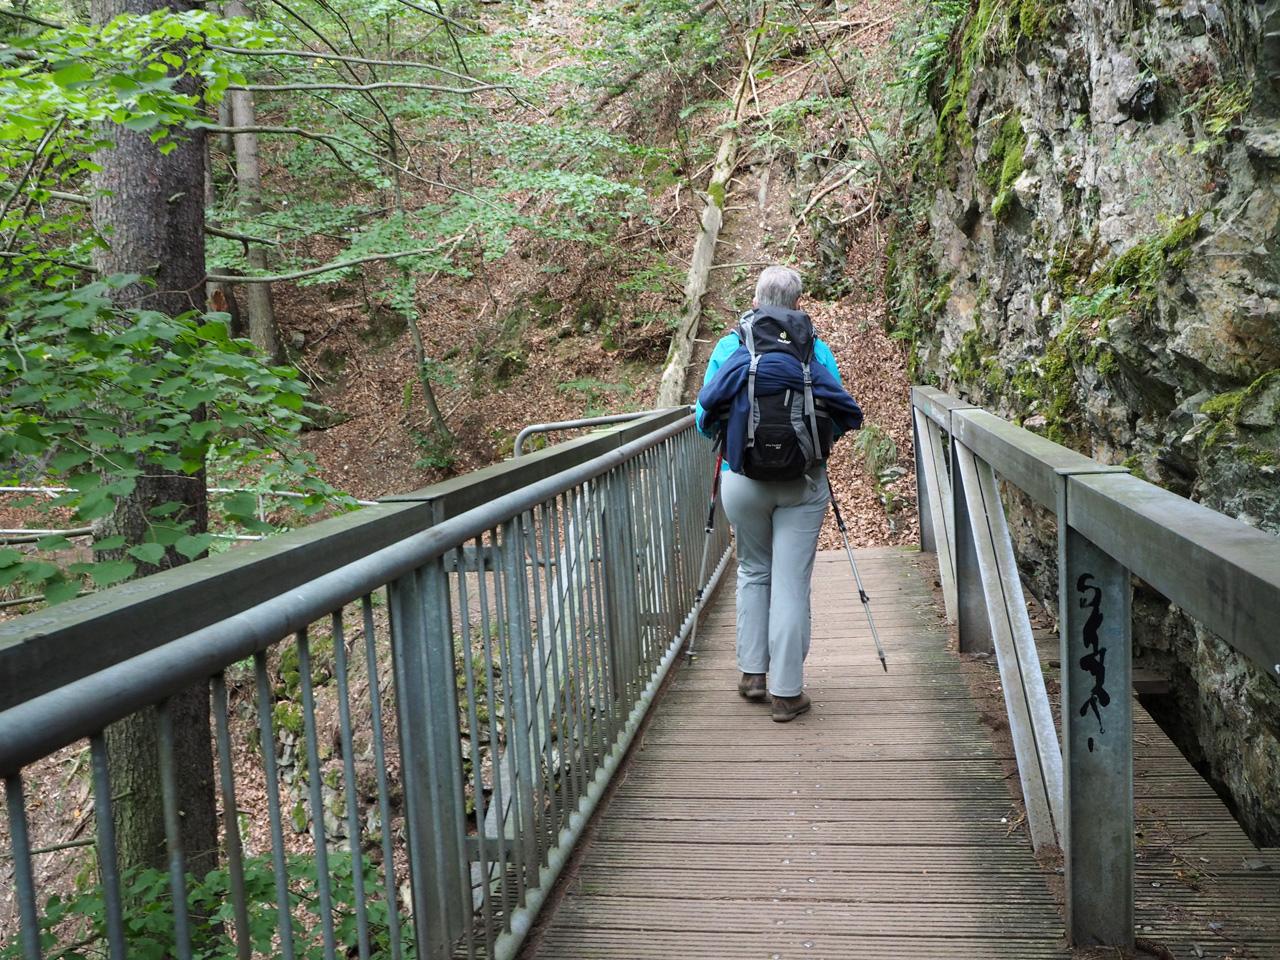 eerste bruggen en trappen